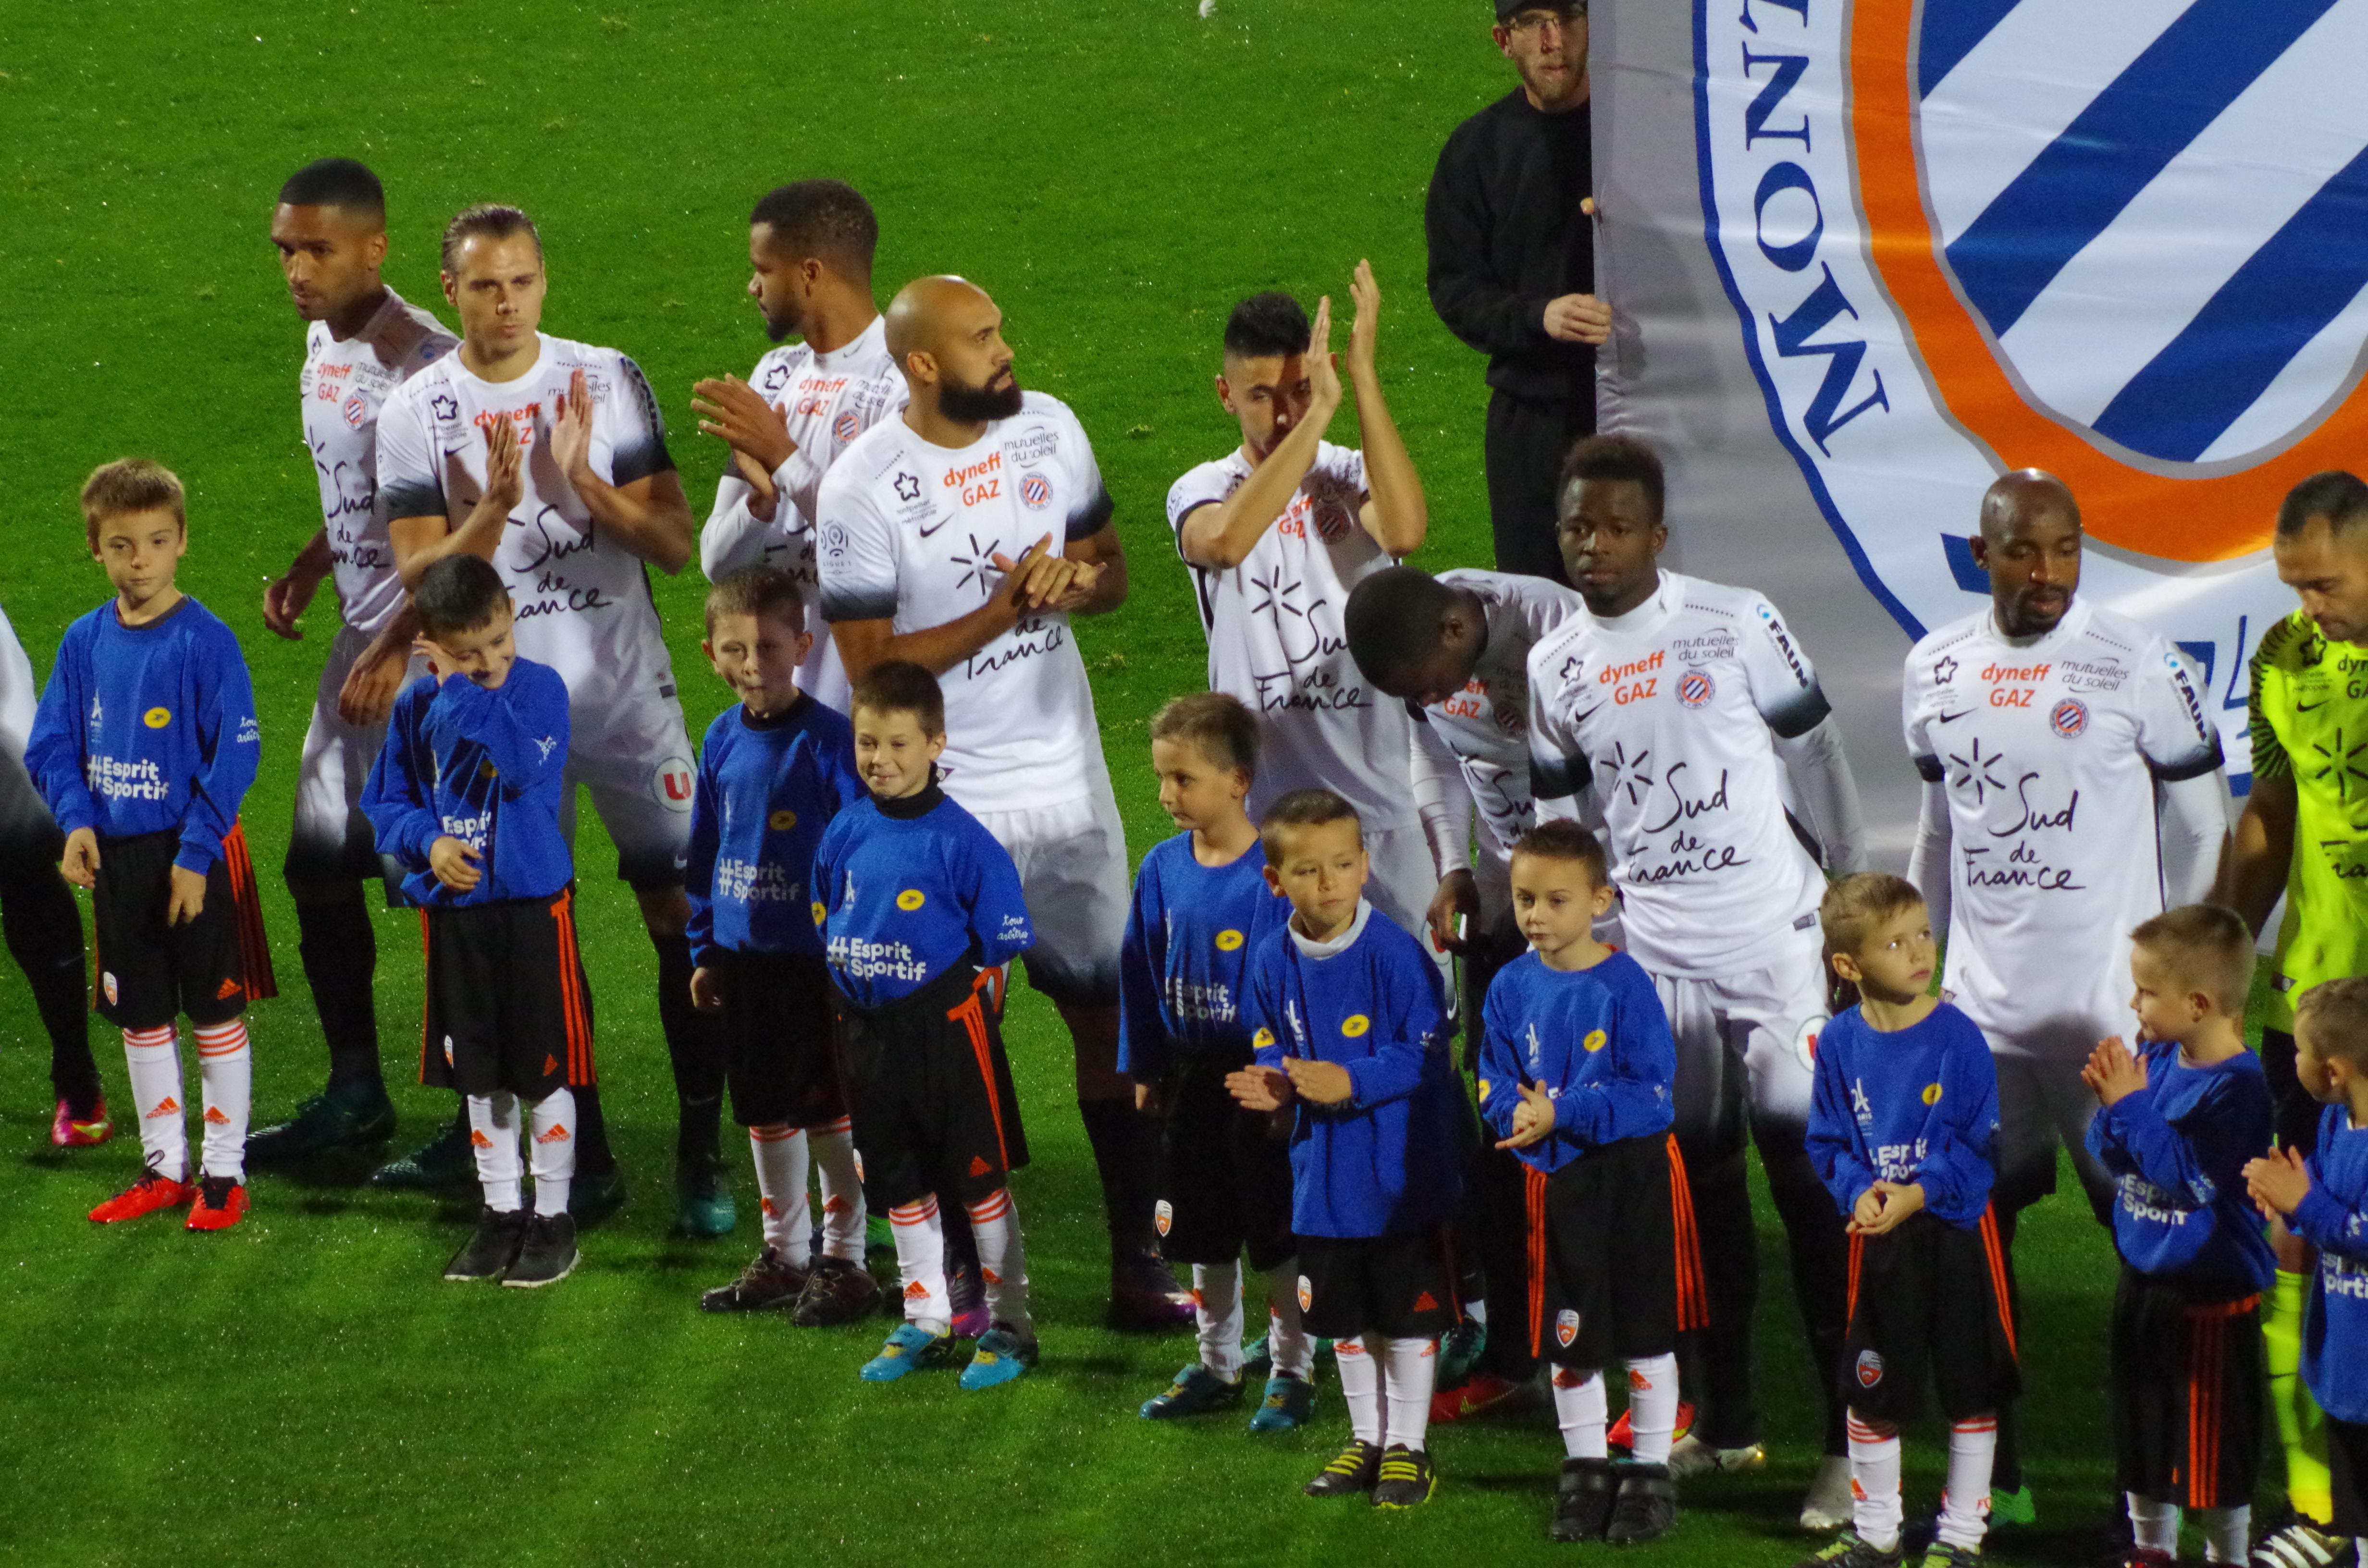 Escorte Kids FC Lorient- Monptellier